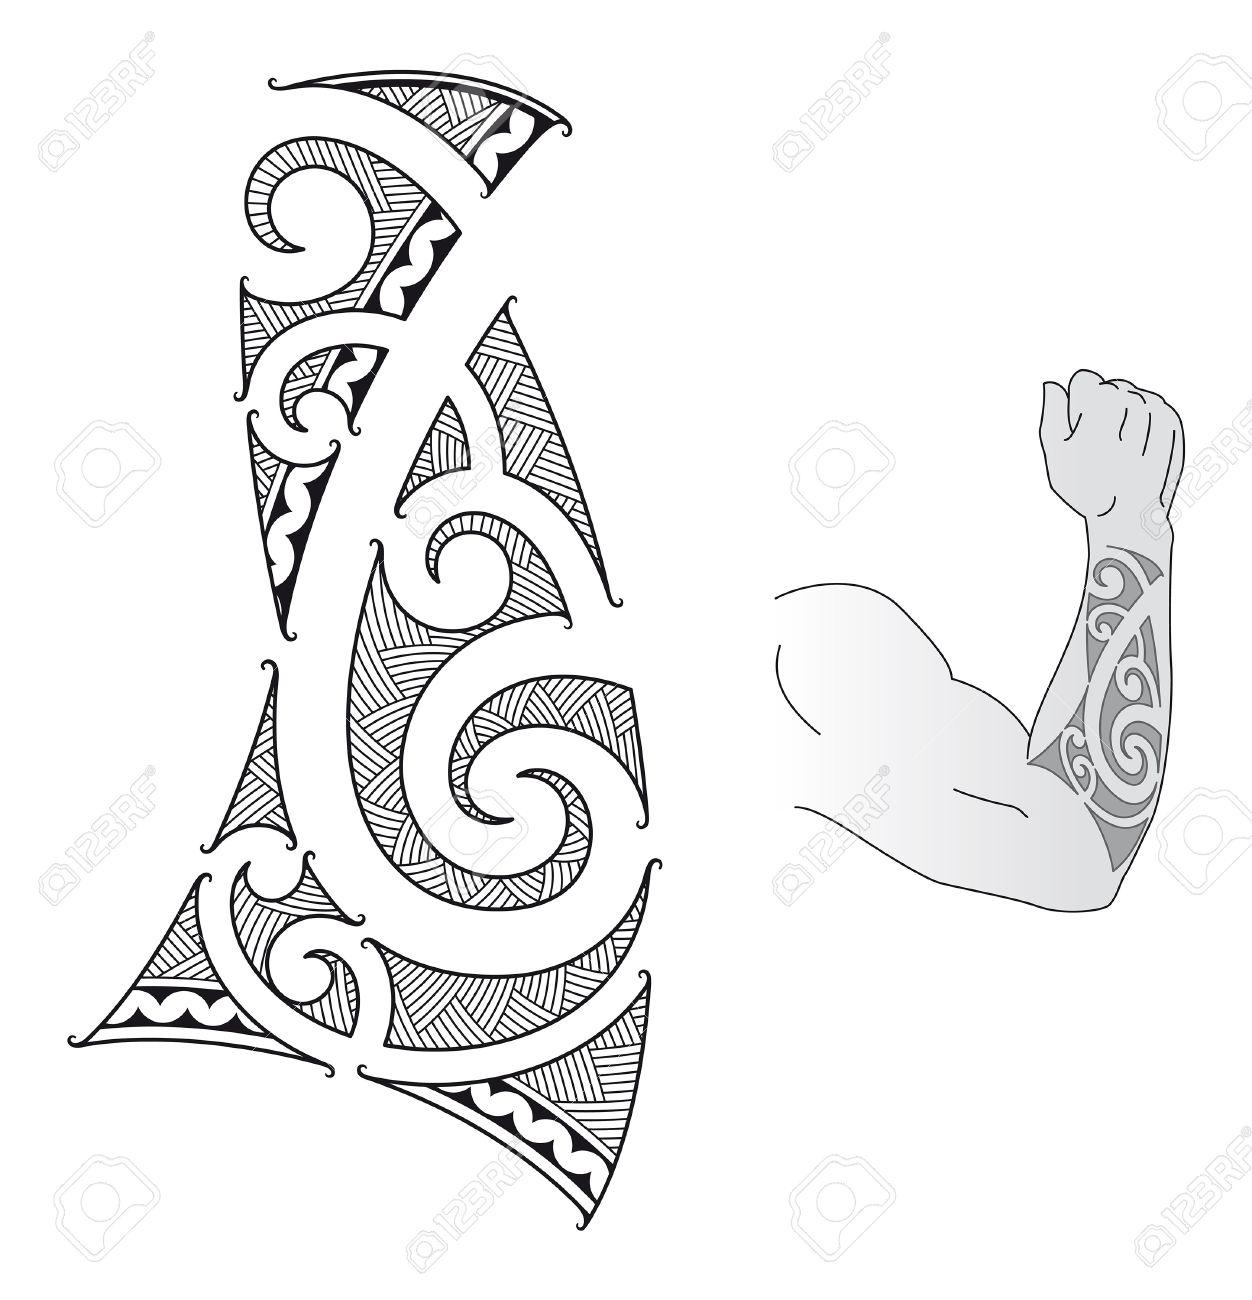 Тату эскизы на предплечье мужские черно белые